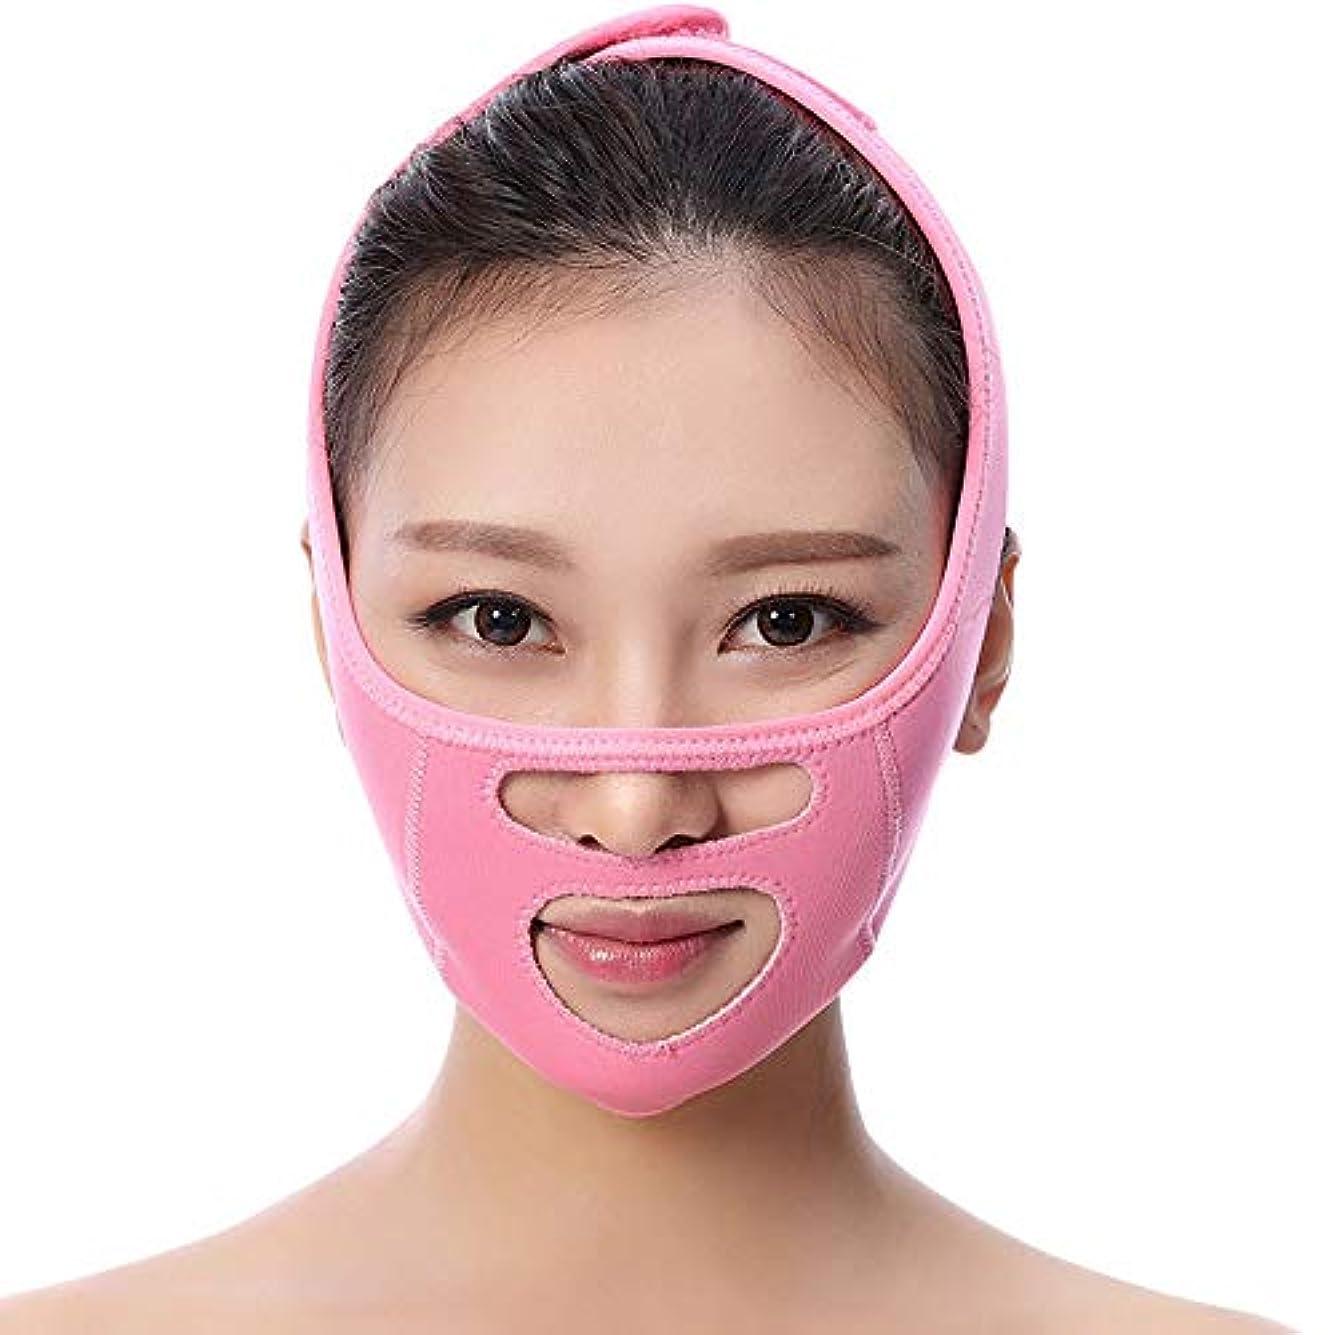 テーマ推進、動かすビルフェイスリフトマスク、薄型フェイスベルトを眠らせる/フェイスフェイスリフトアーチファクト(ブルー/ピンク)を令状にするために美容フェイスリフト包帯を強化,Pink